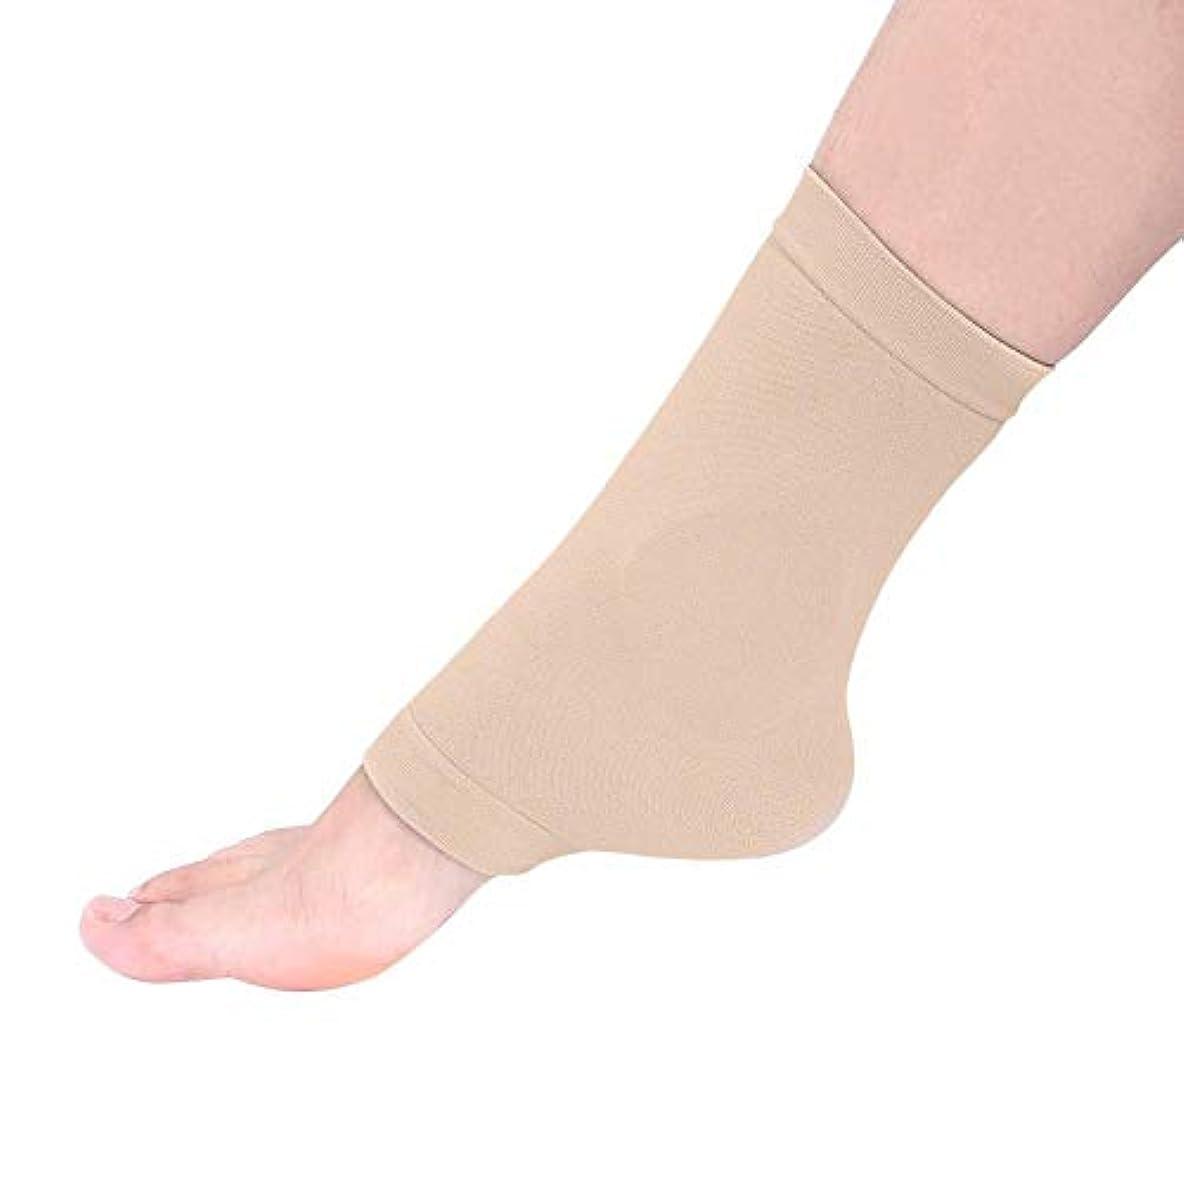 失礼なポンプ土曜日足のひびの入った靴下、集中的な通気性のひびの入ったかかとの足首の袖の保湿の靴下修理ひびの入ったかかとの角質除去